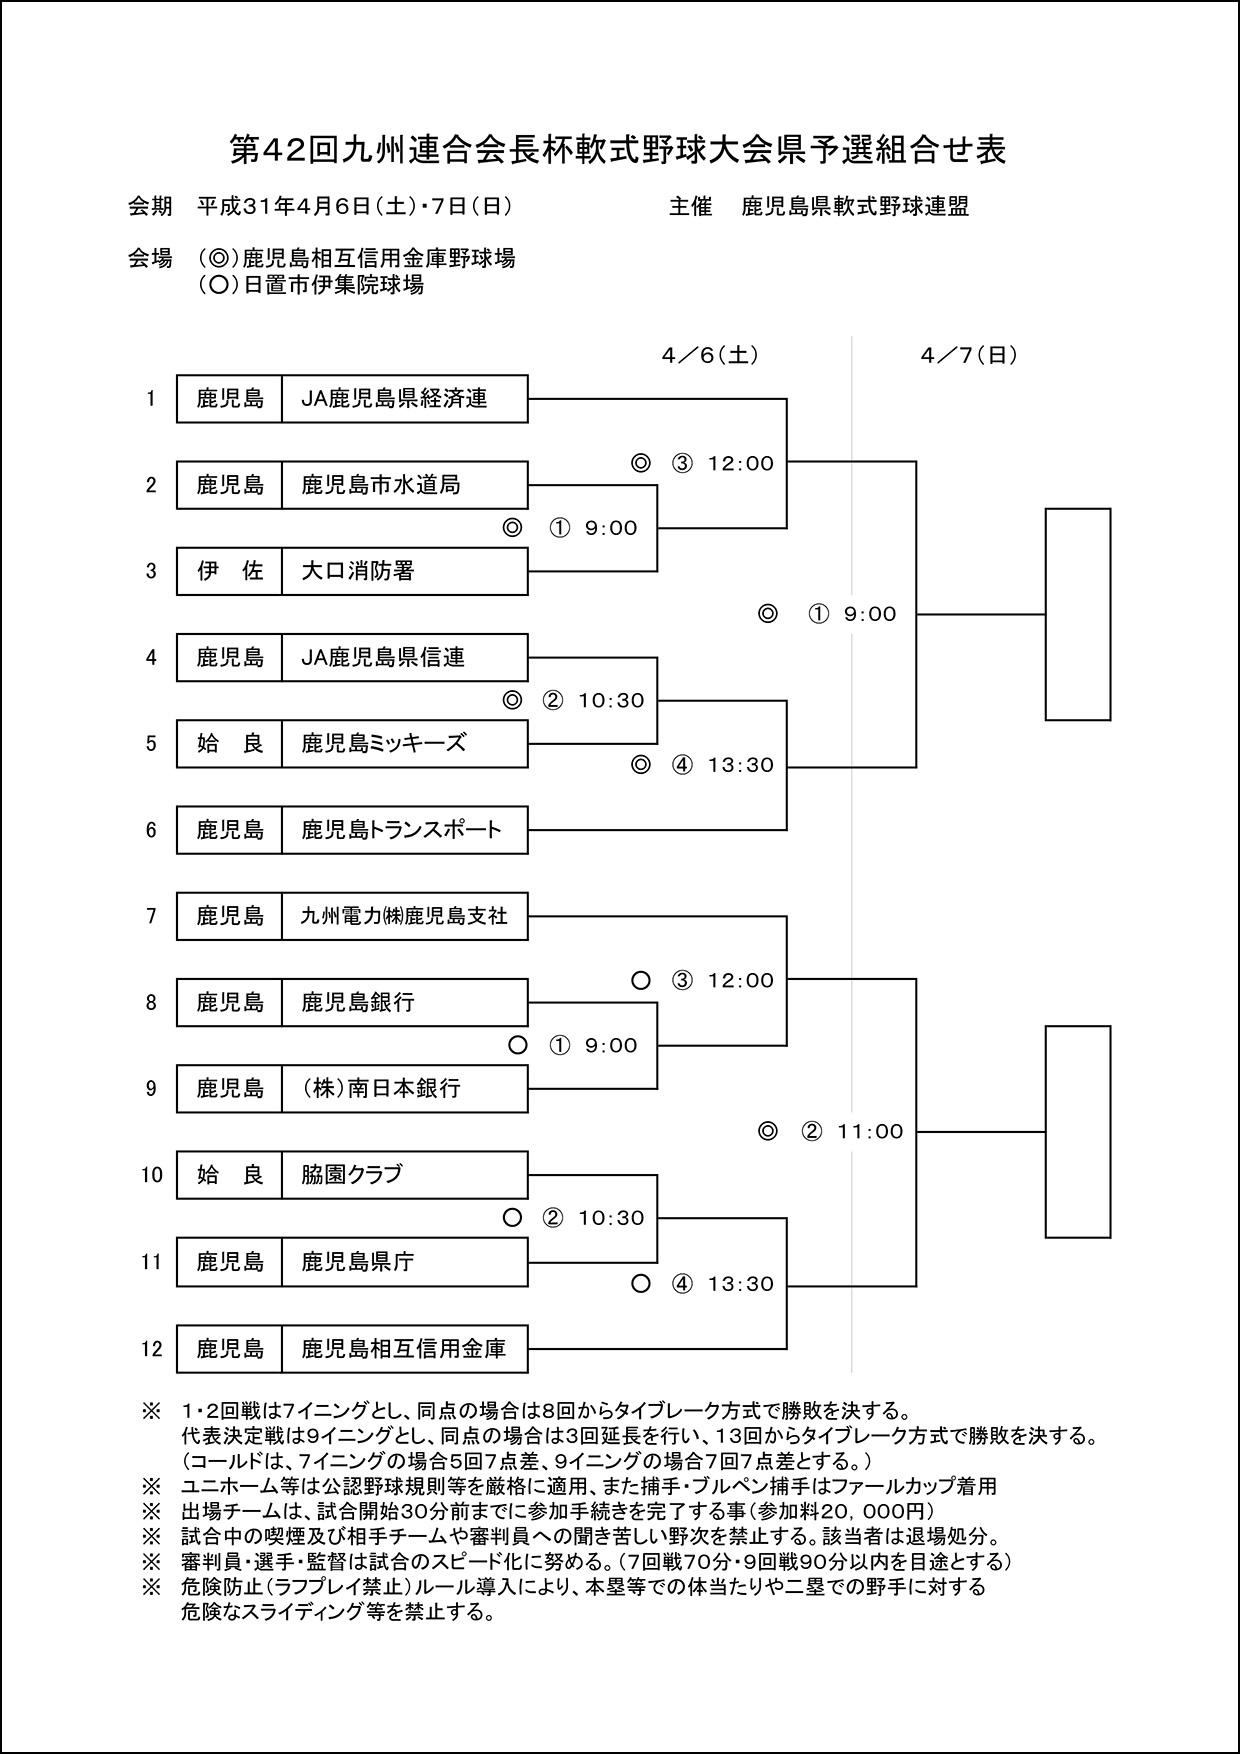 【組合せ】第42回九連会長杯軟式野球大会県予選